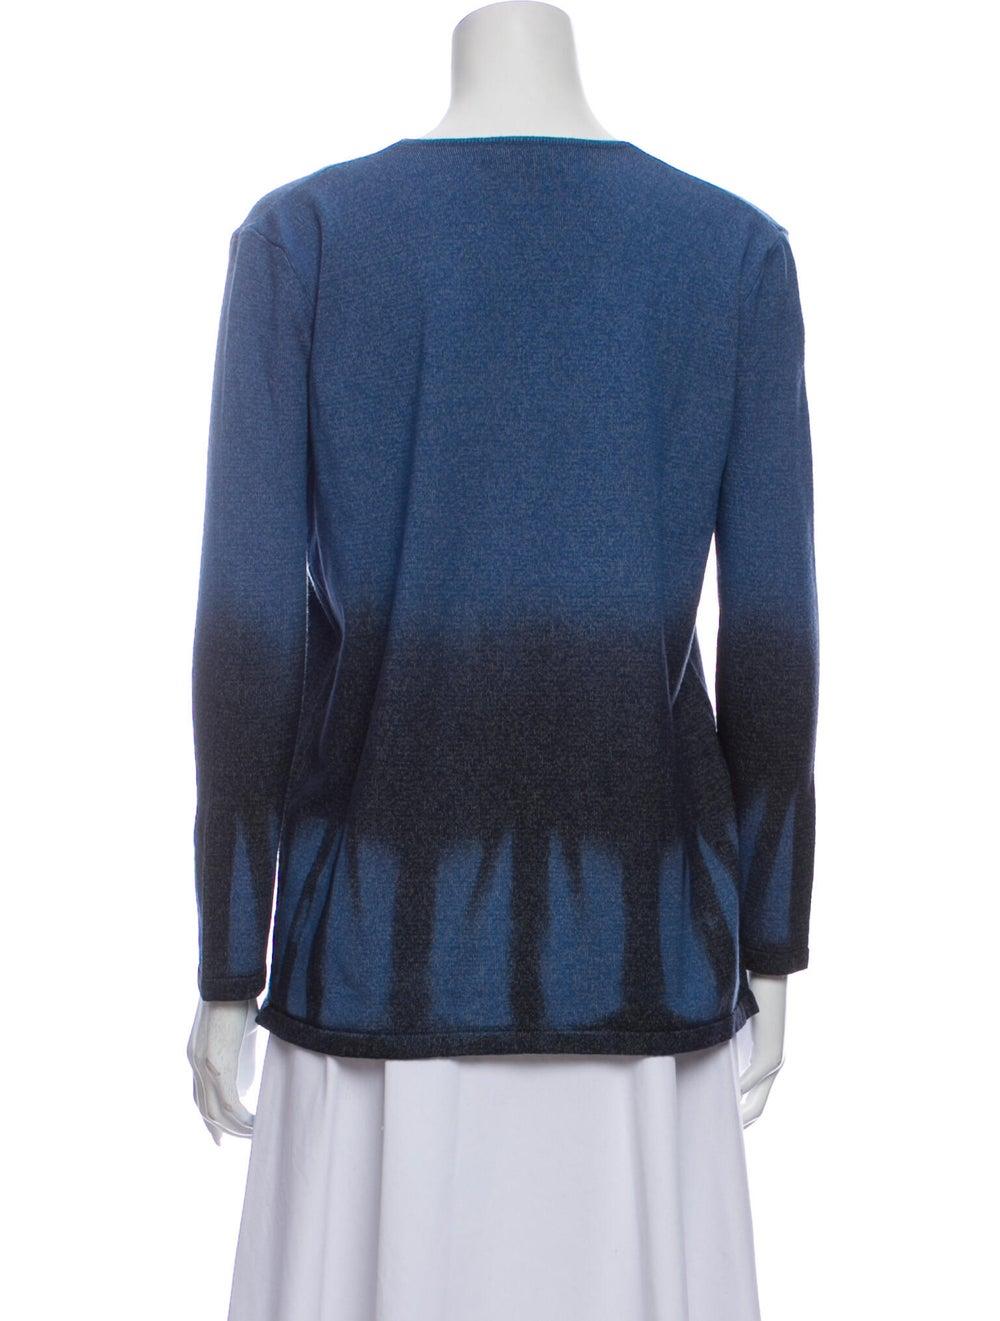 Roberto Cavalli Wool Tie-Dye Print Sweater Wool - image 3